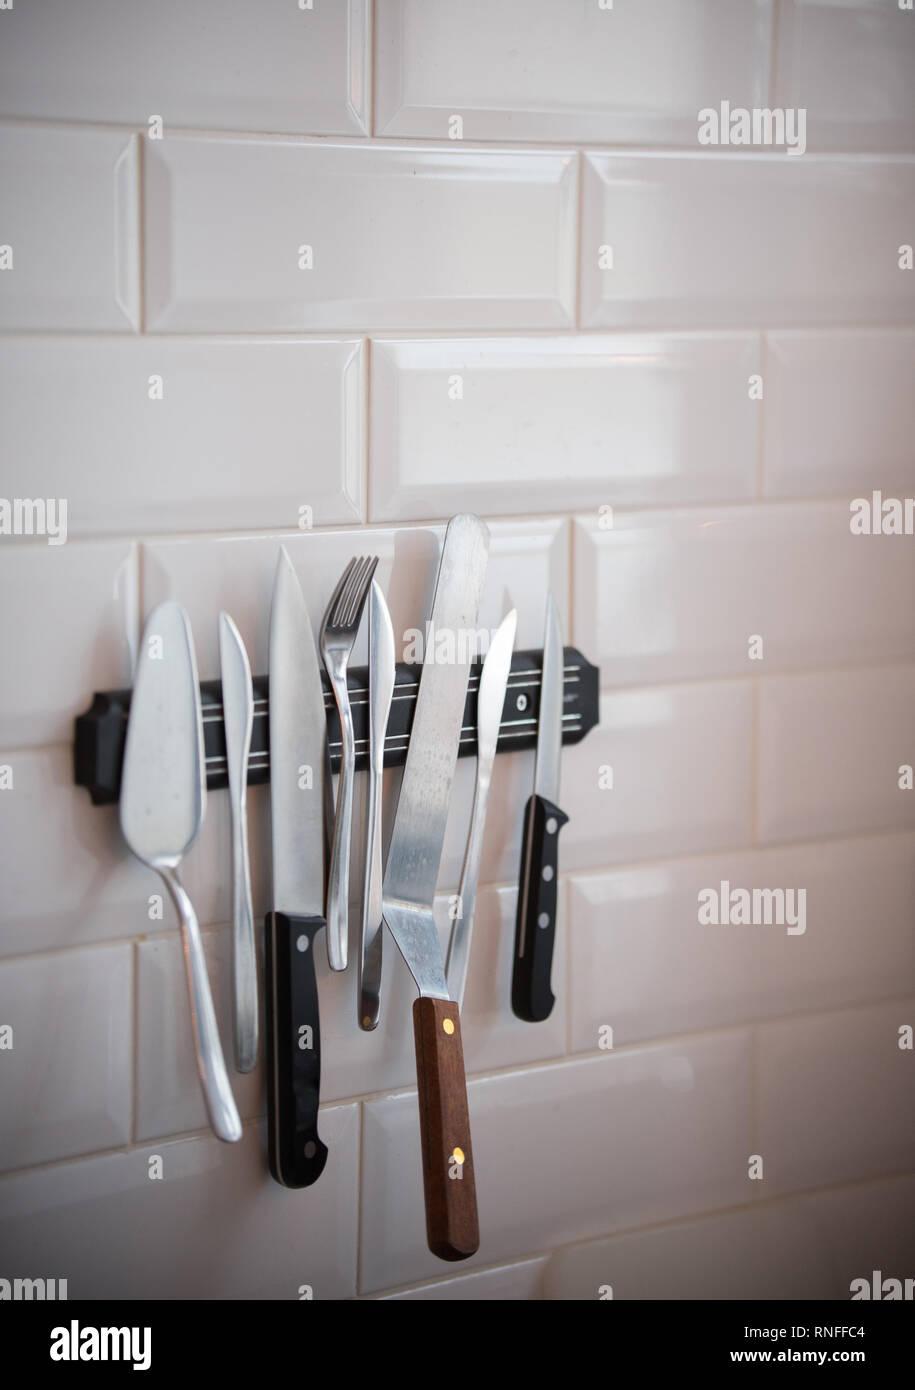 Cocina Vajilla colgando de la banda magnética en la pared Foto de stock